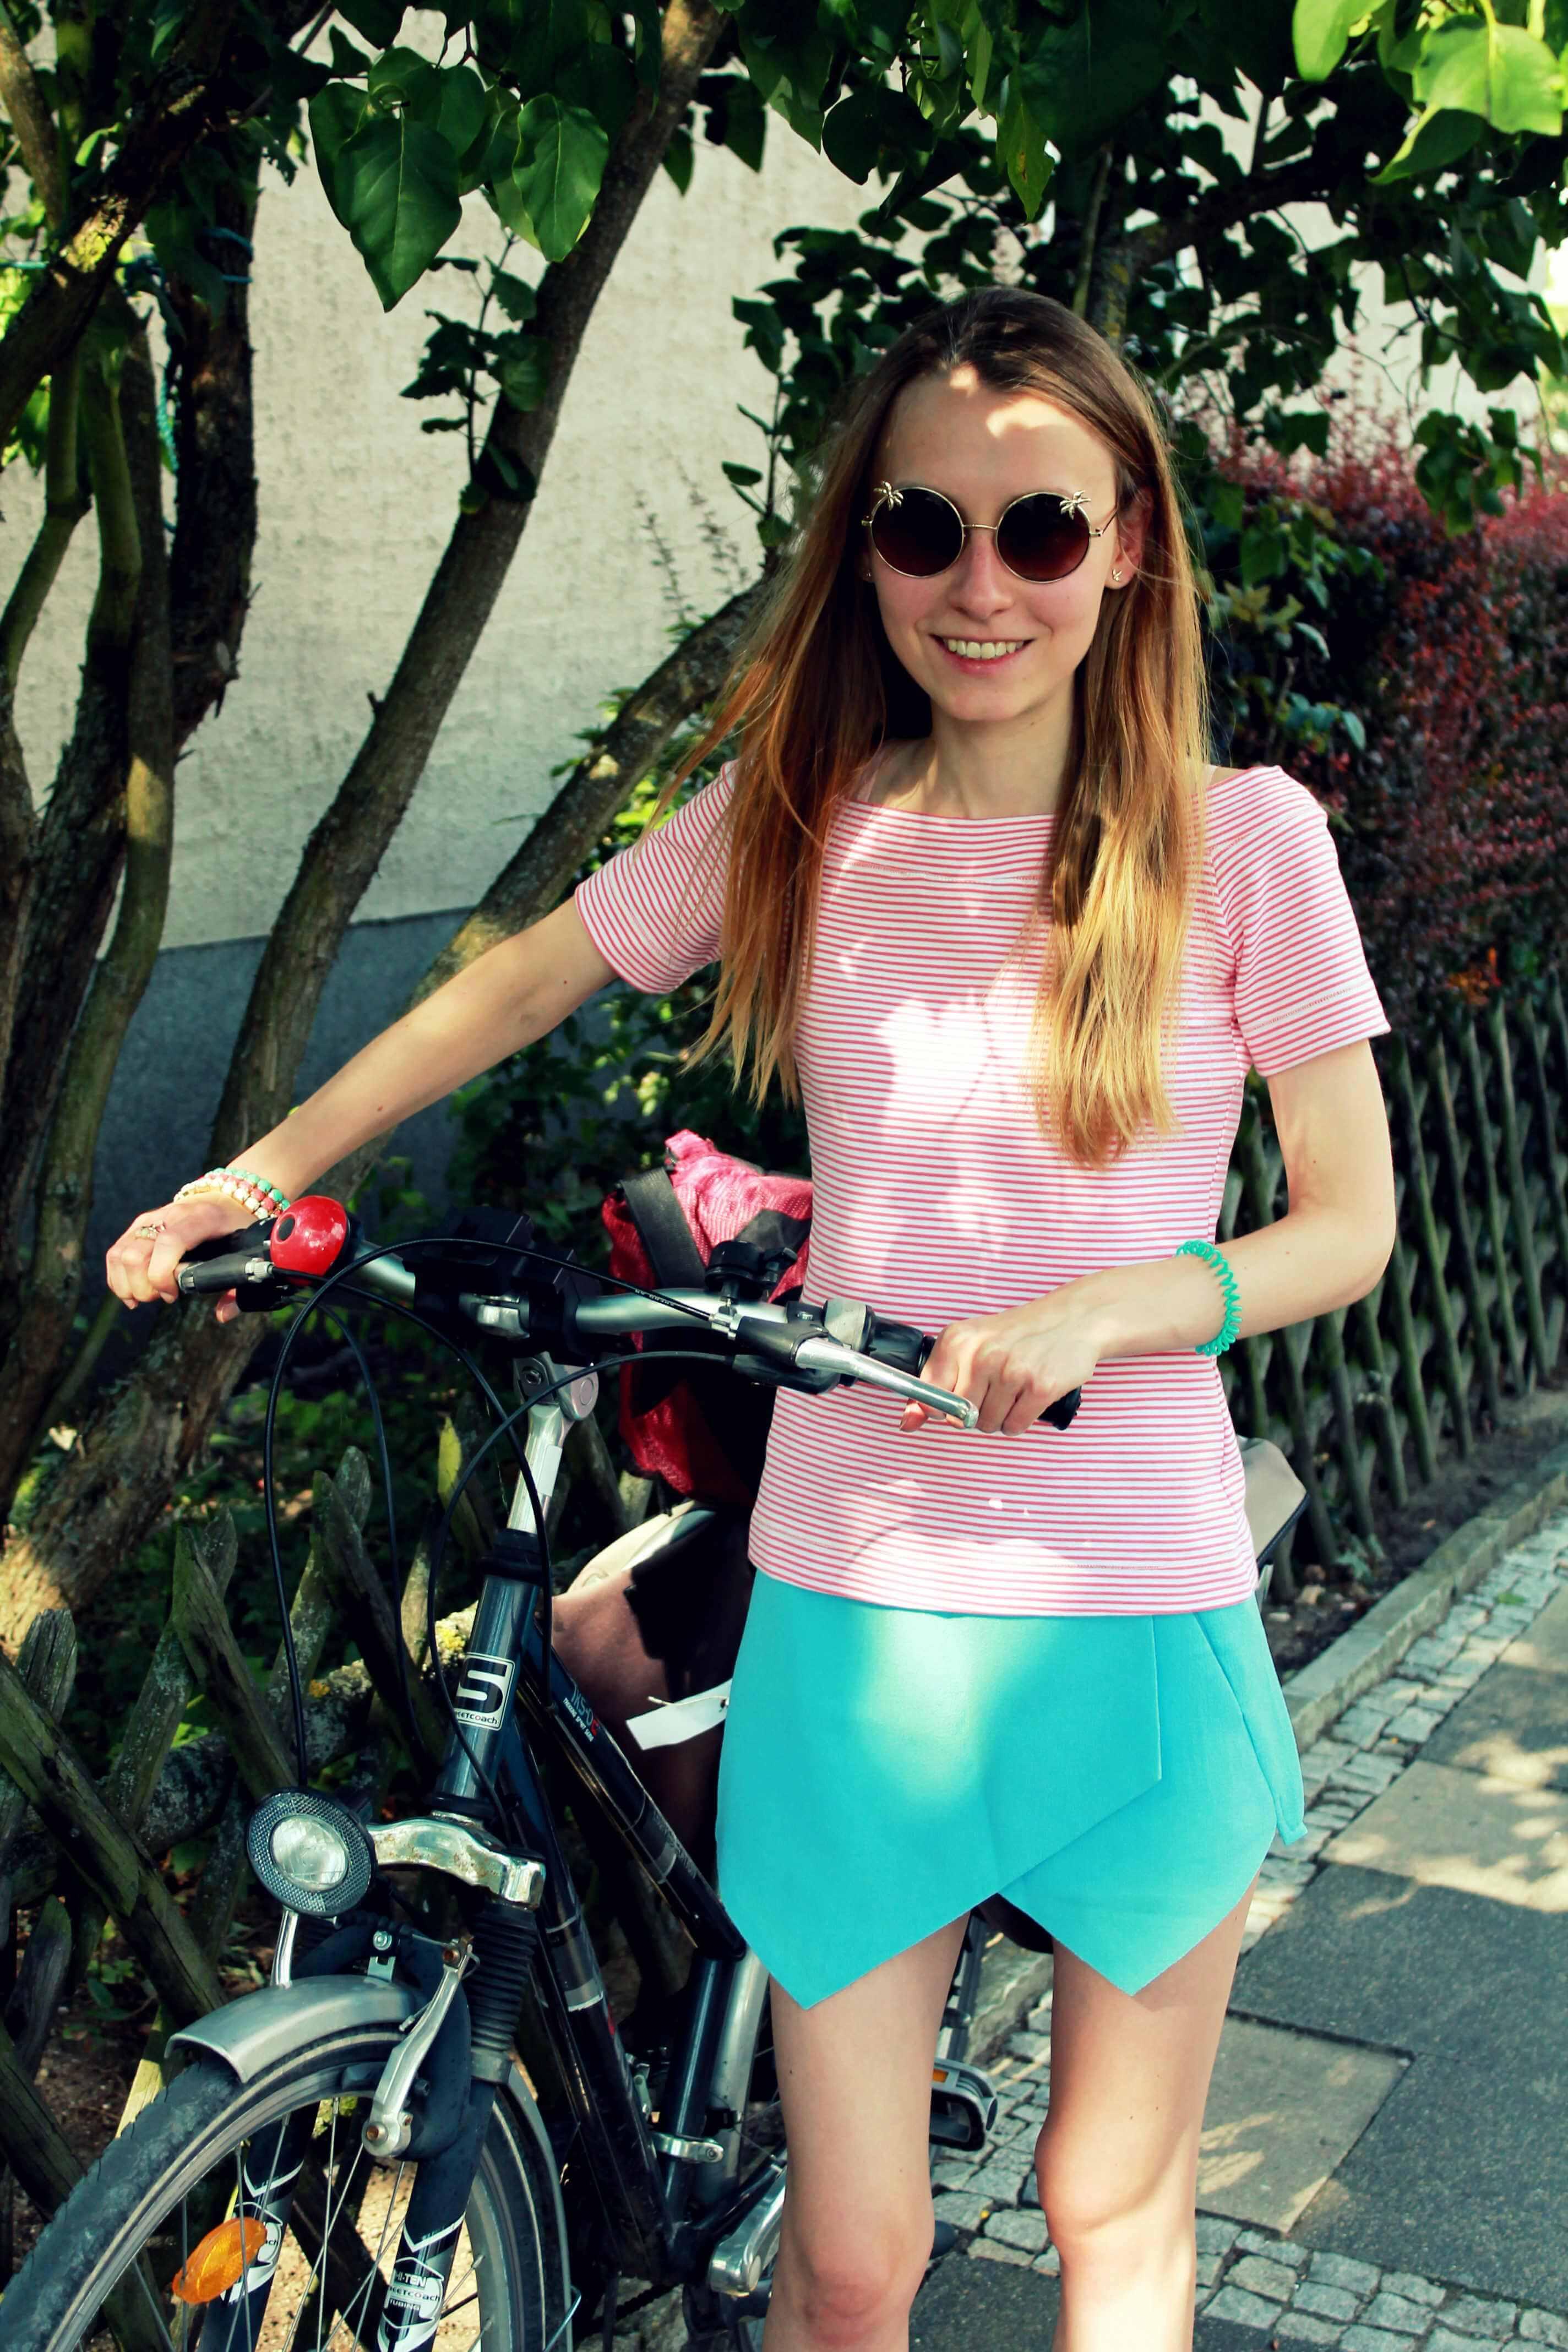 Fahrradfahren_Skorts